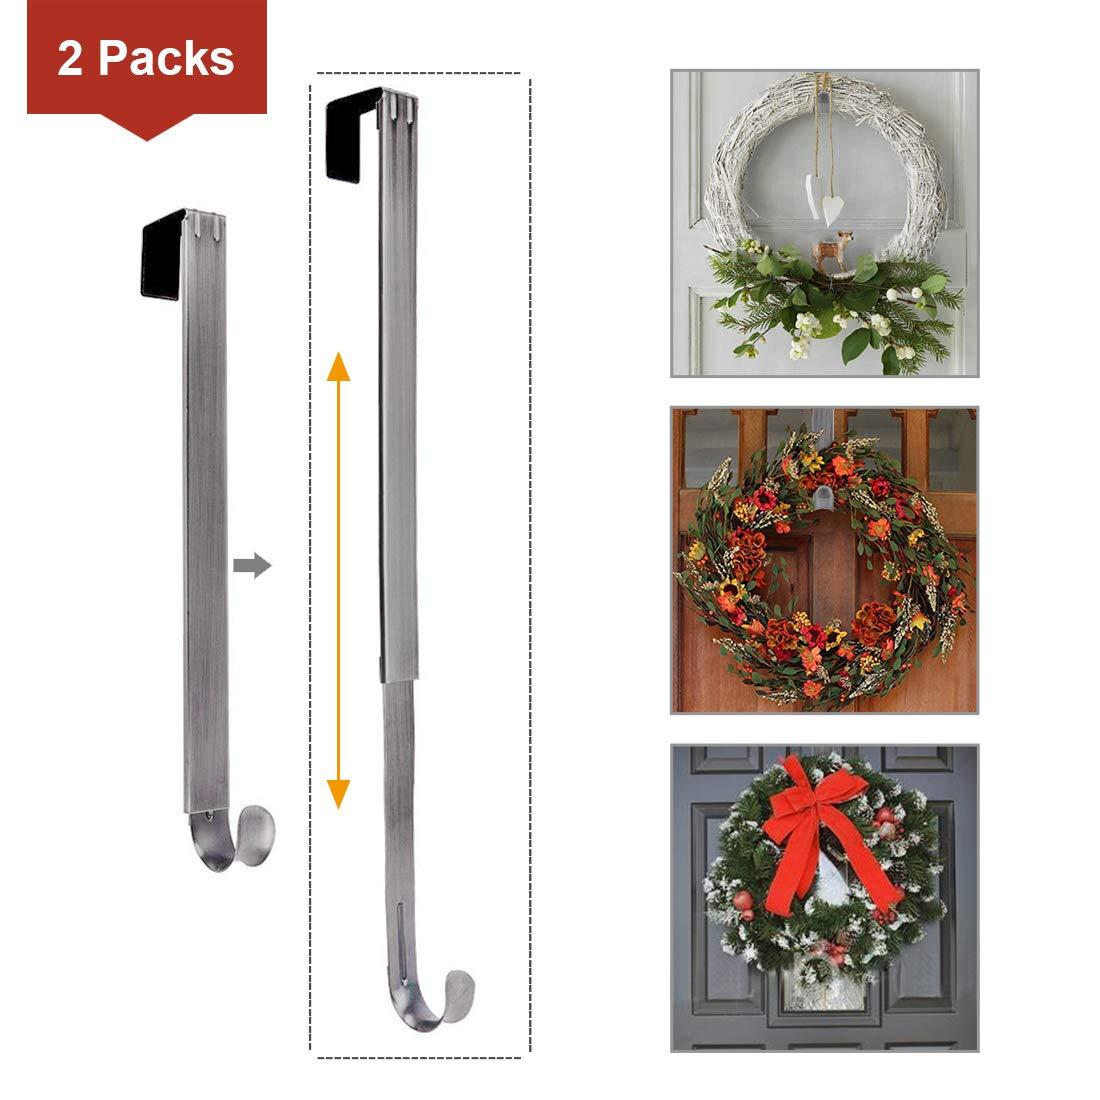 LBSUN Wreath Hanger, Adjustable Over The Door Wreath Hanger & Wreath Holder & Wreath Hook for Door (2-Pack Nickel) by LBSUN